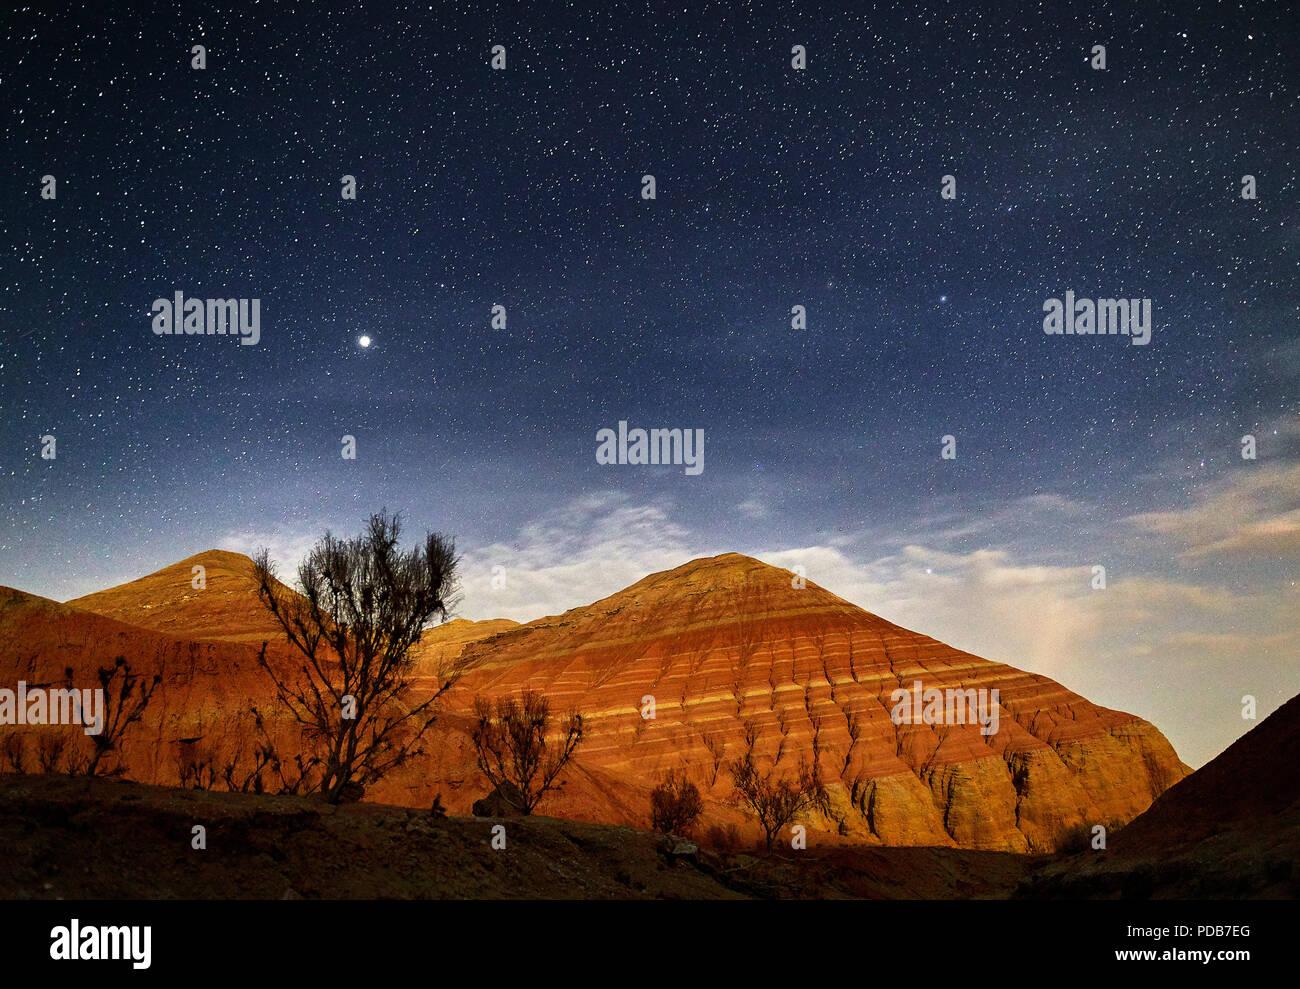 Monti Rossi nel canyon deserto di notte il cielo stellato sfondo. Astronomia fotografia dello spazio e del paesaggio. Immagini Stock